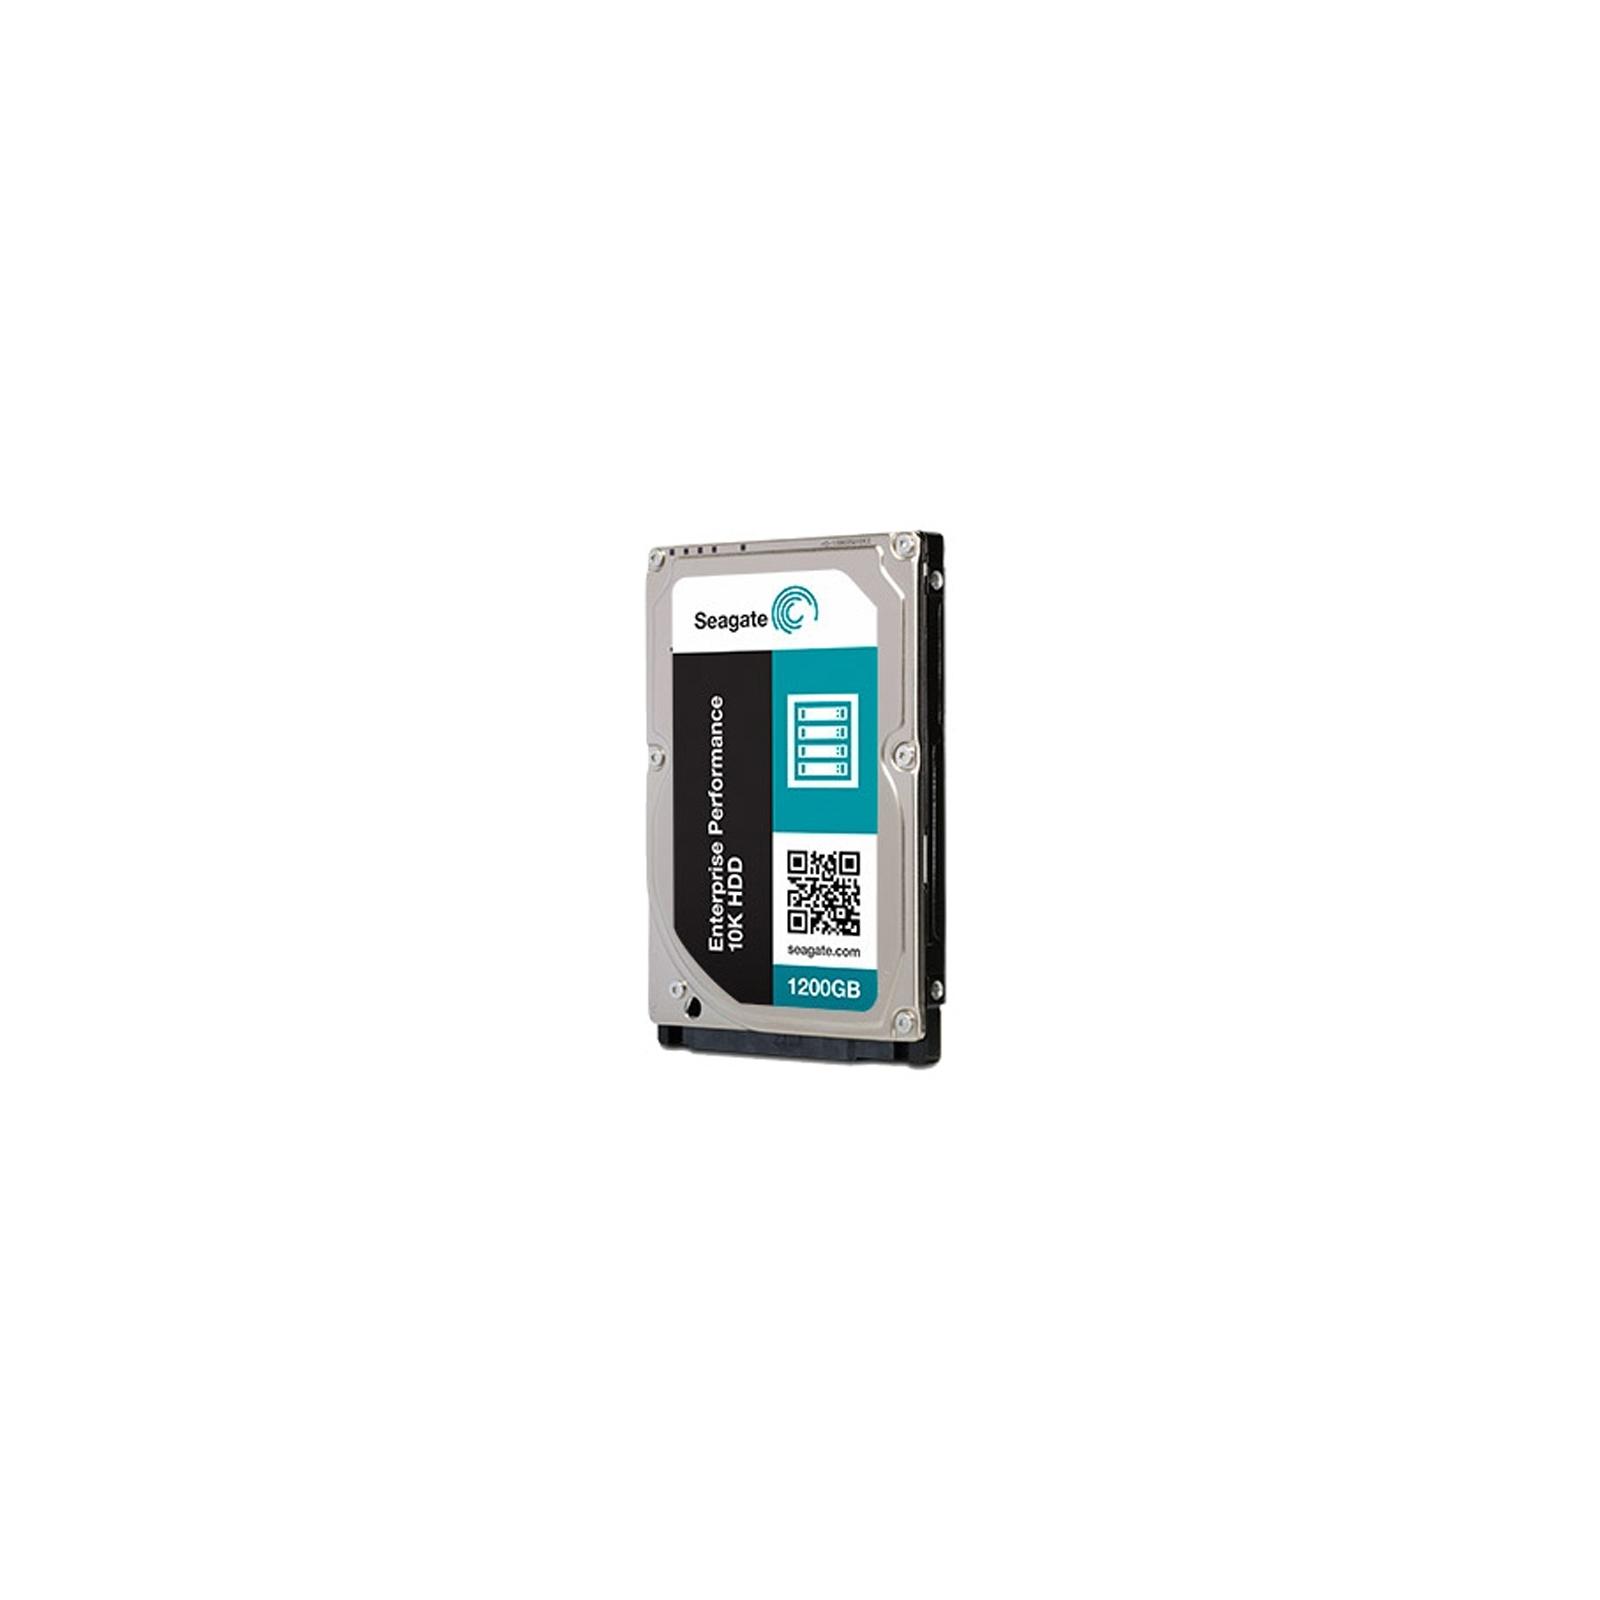 Жесткий диск для сервера 1.2TB Seagate (ST1200MM0007) изображение 2